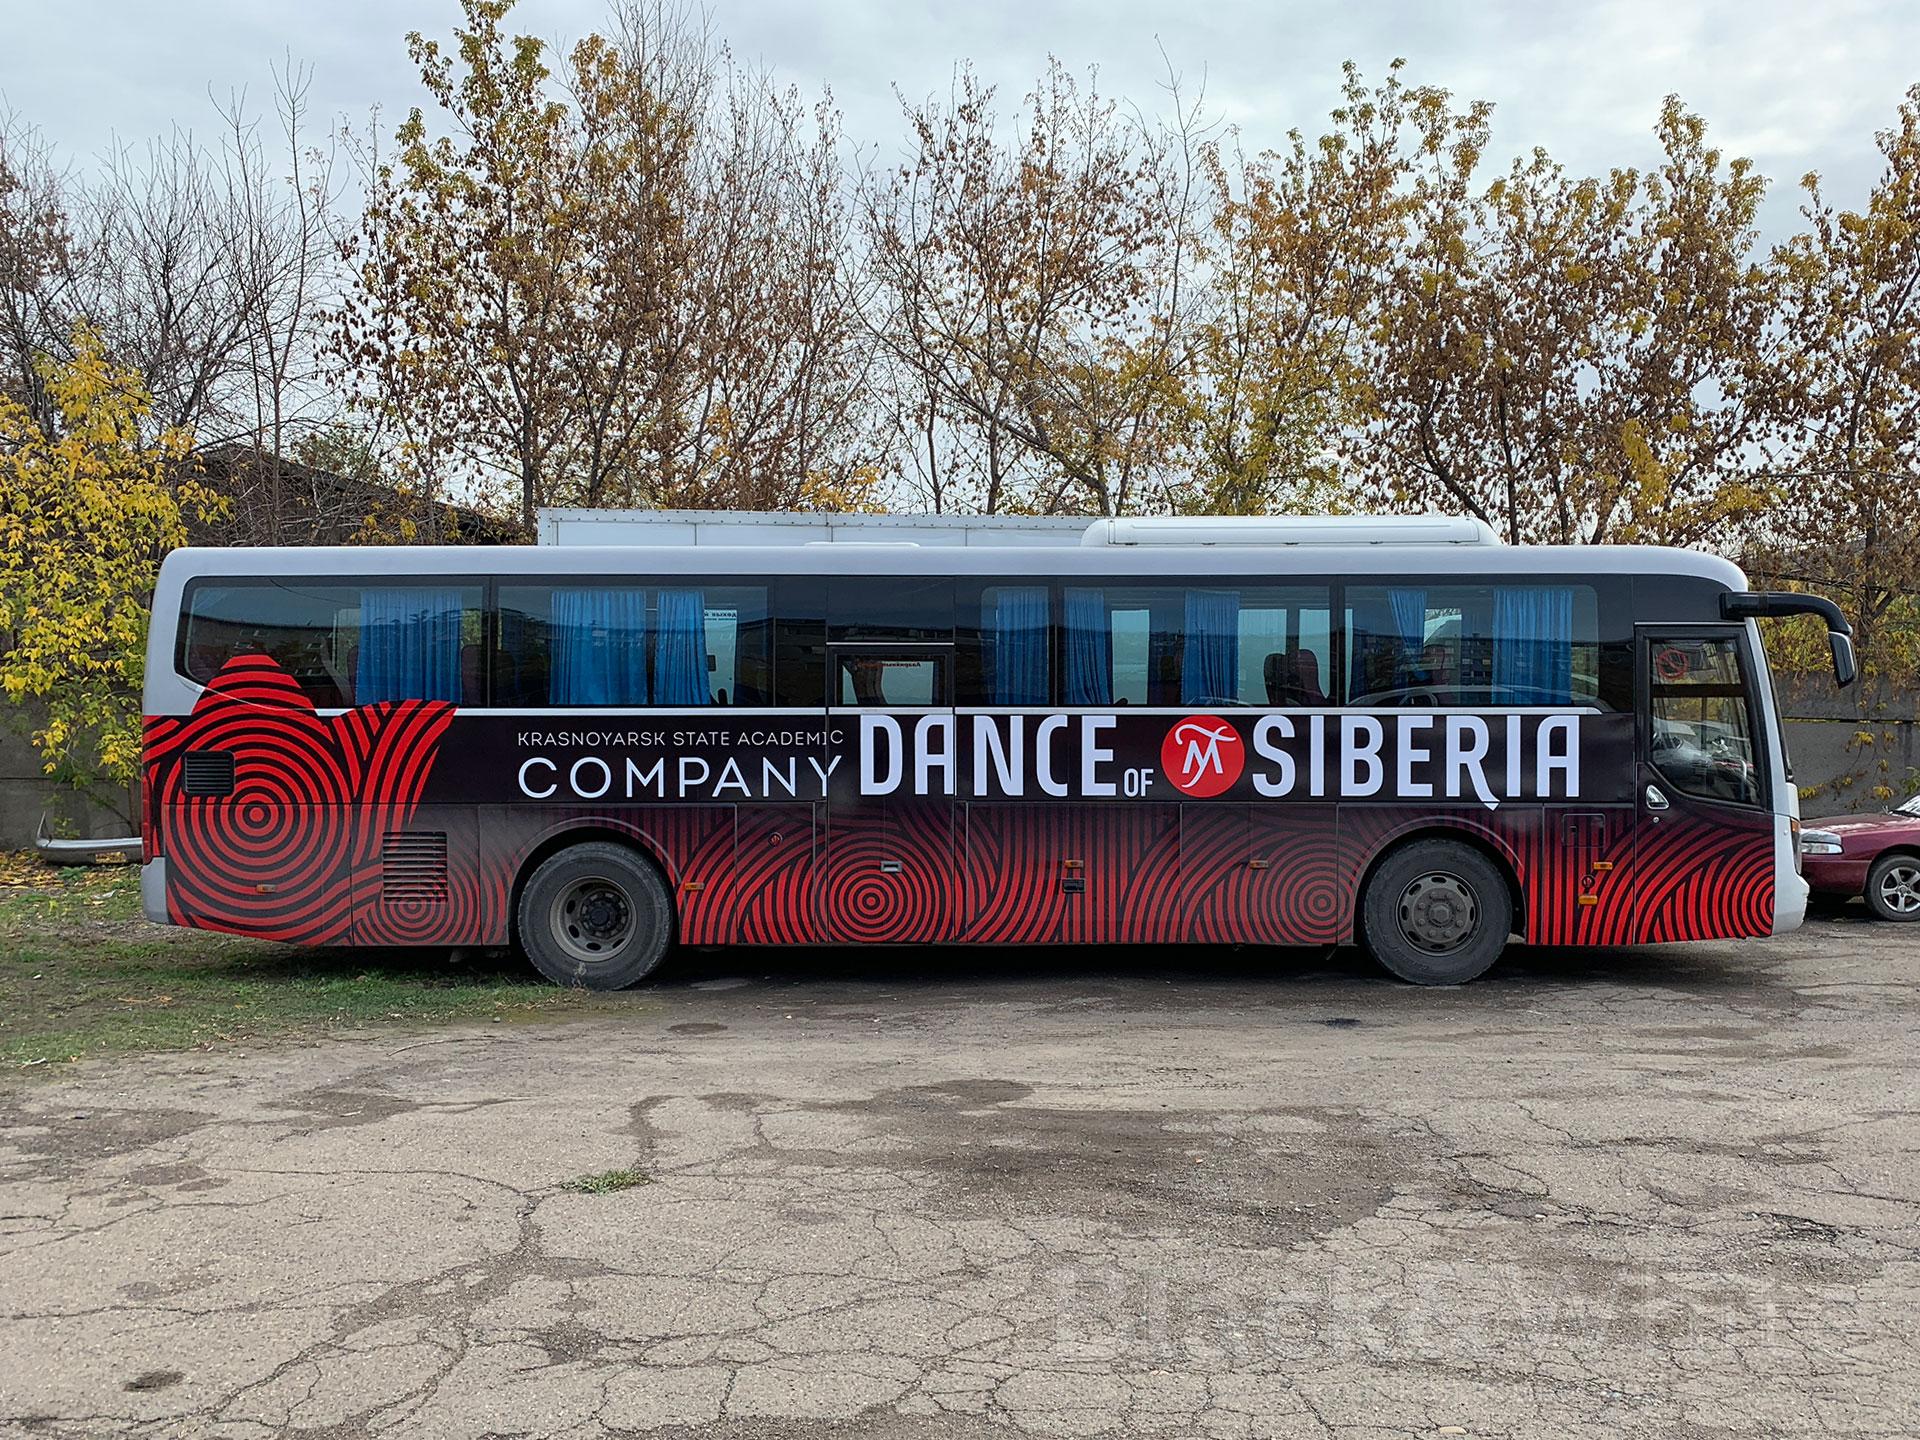 Брендирование-автобуса-Танцы-Сибири-Красноярск..jpg